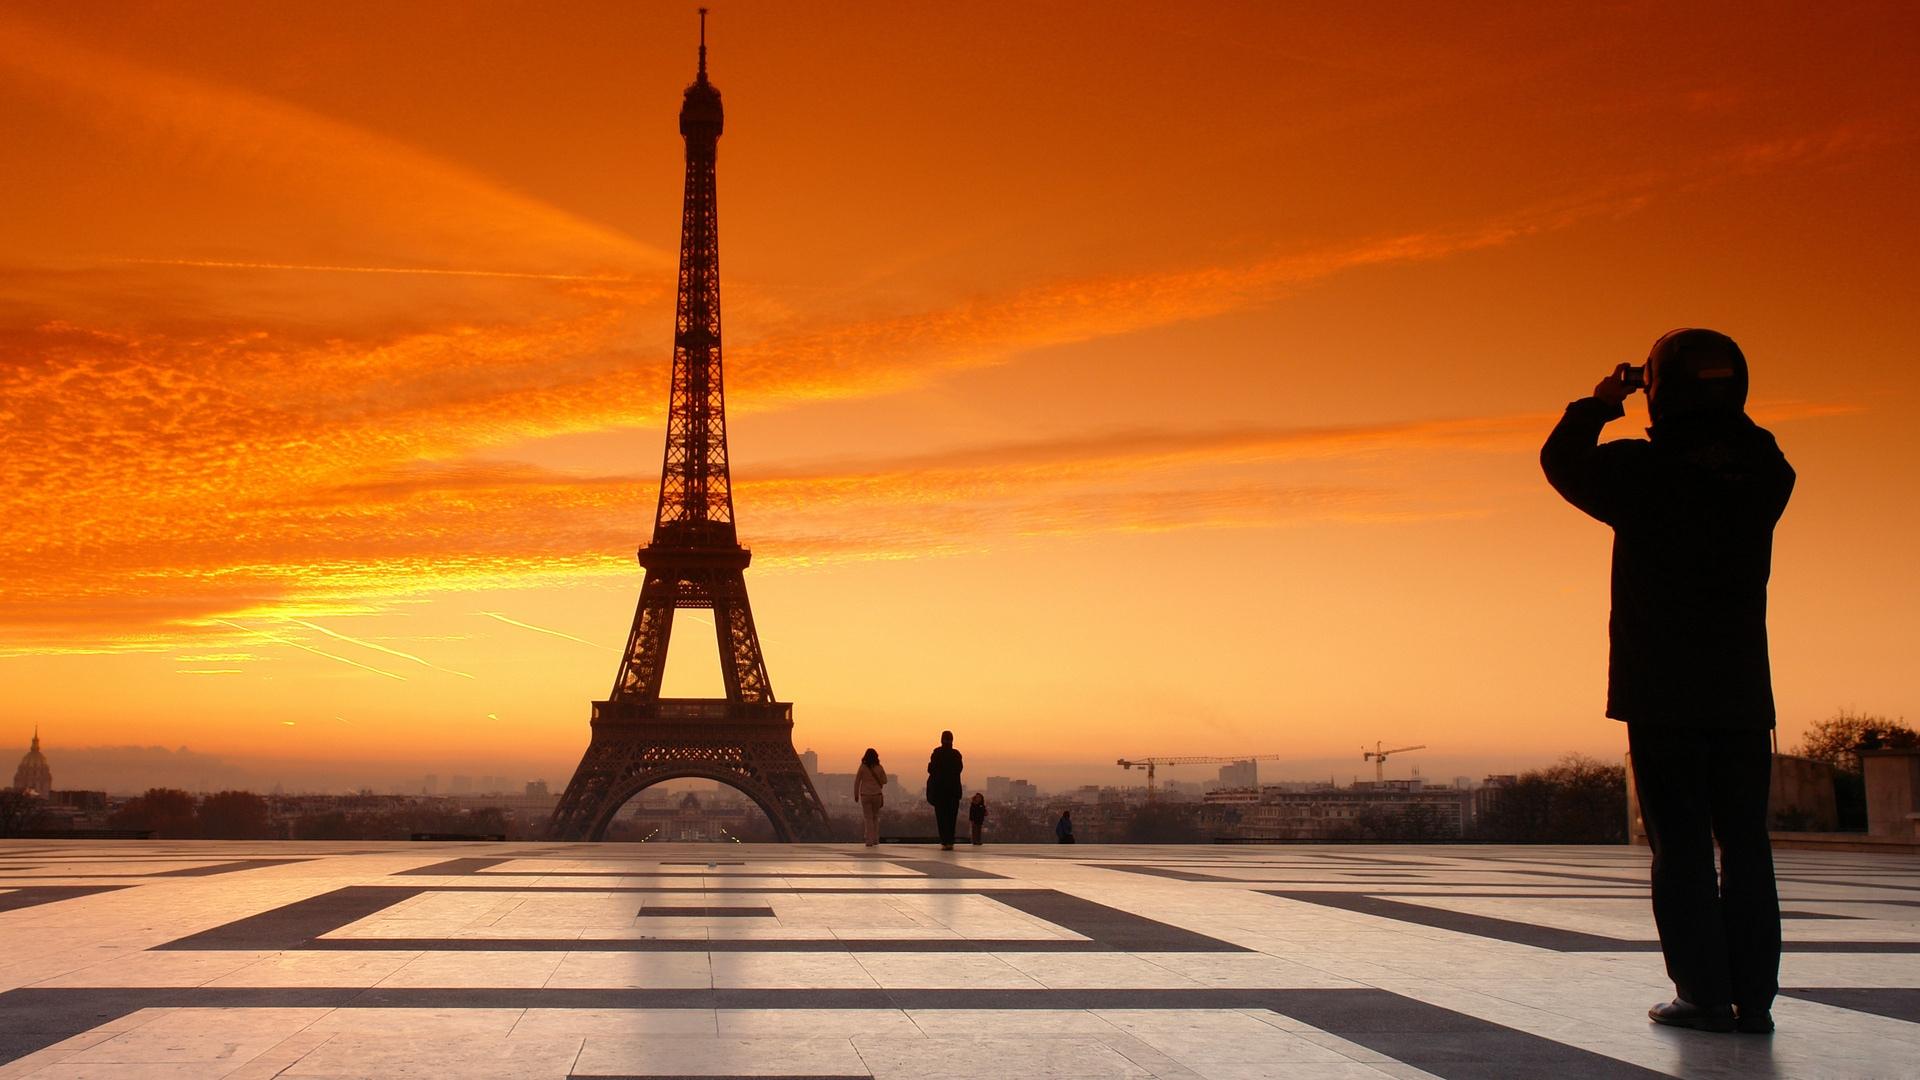 очаги картинка города эйфелева башня мои